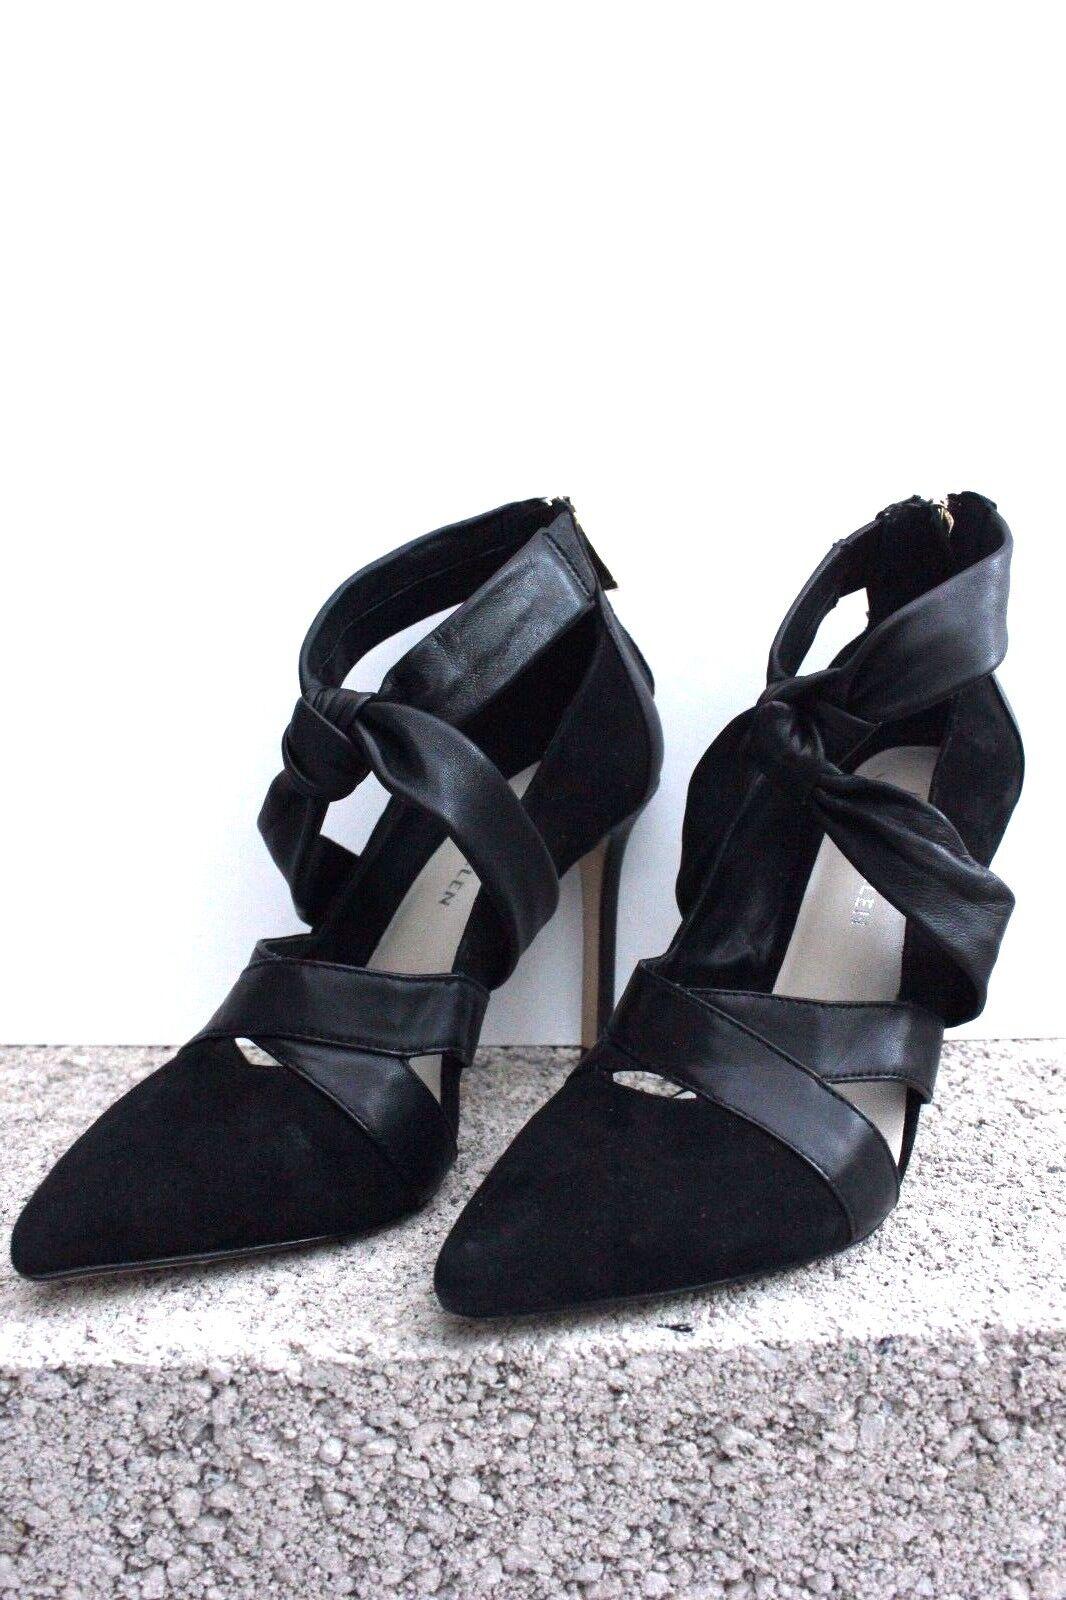 Karen Millen FZ105 Schuhes Leder Suede Heeled Pumps Schuhes FZ105 Stiletto Dress Courts 4 - 8 b930be